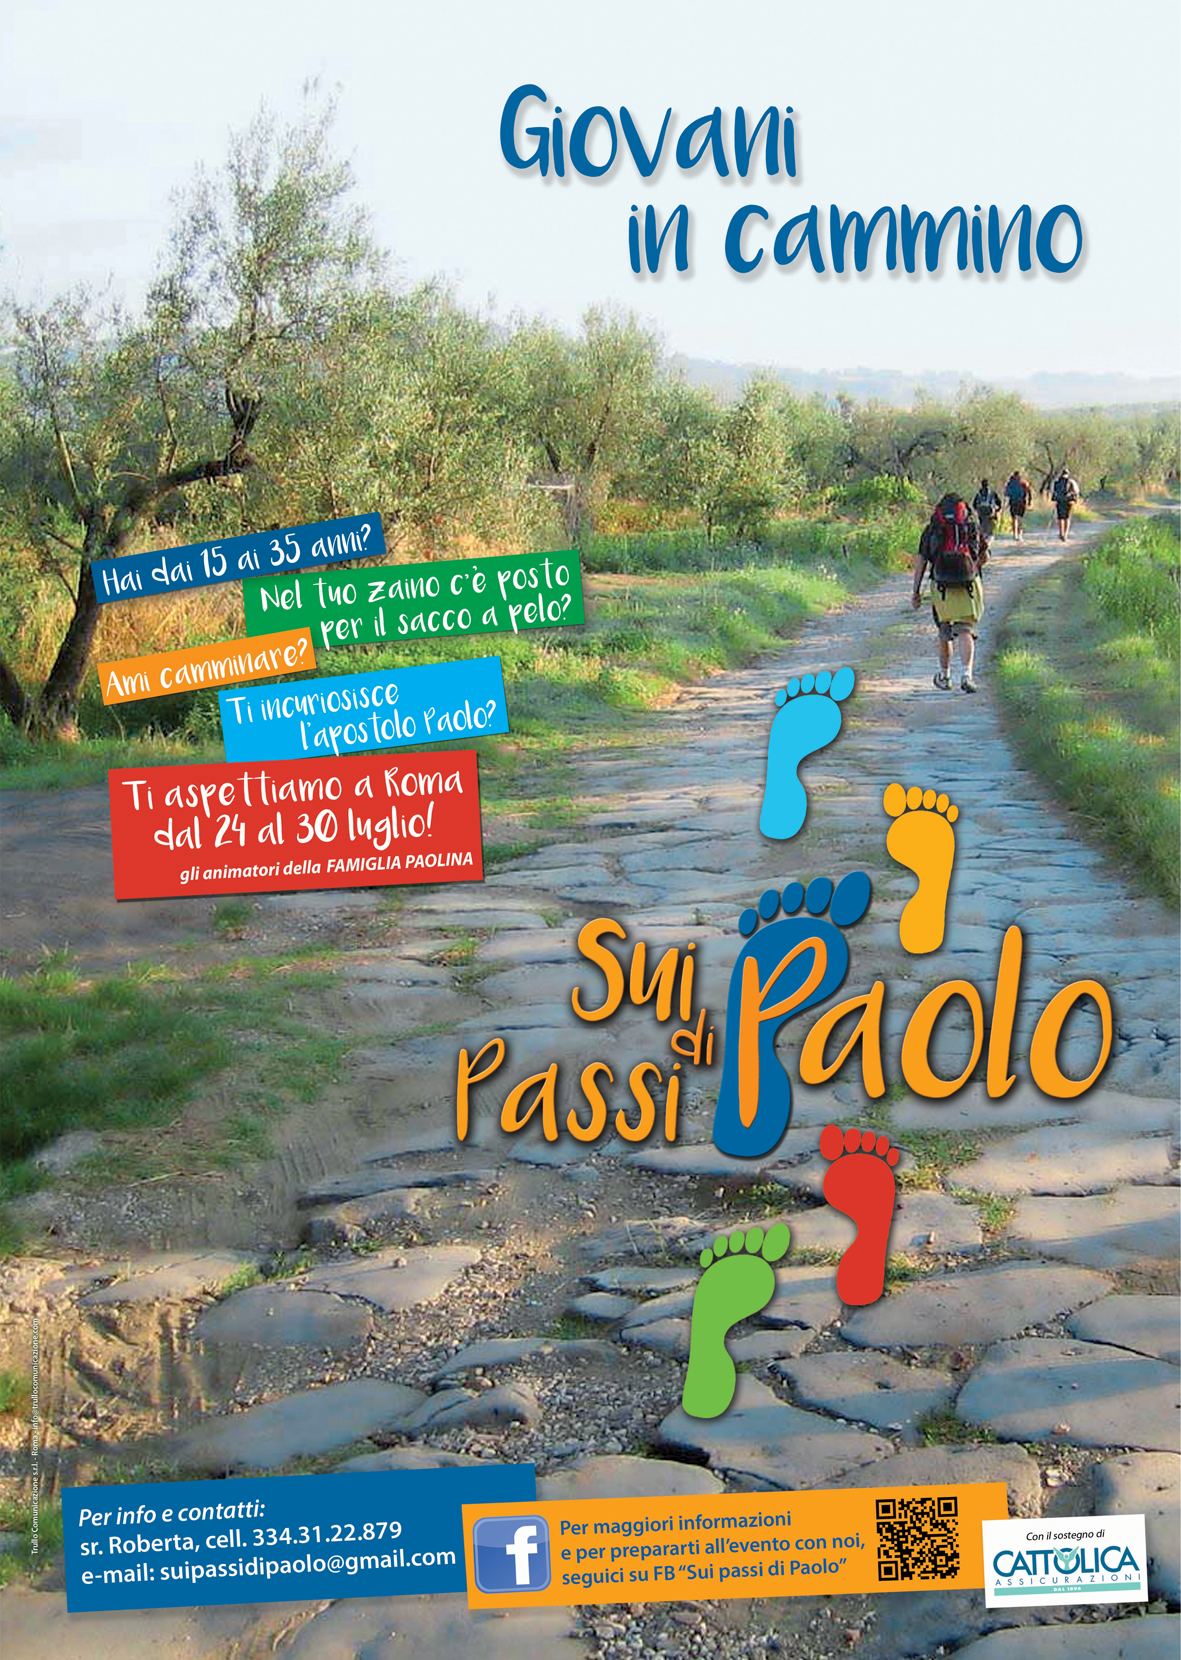 Giovani in cammino… sui passi di Paolo